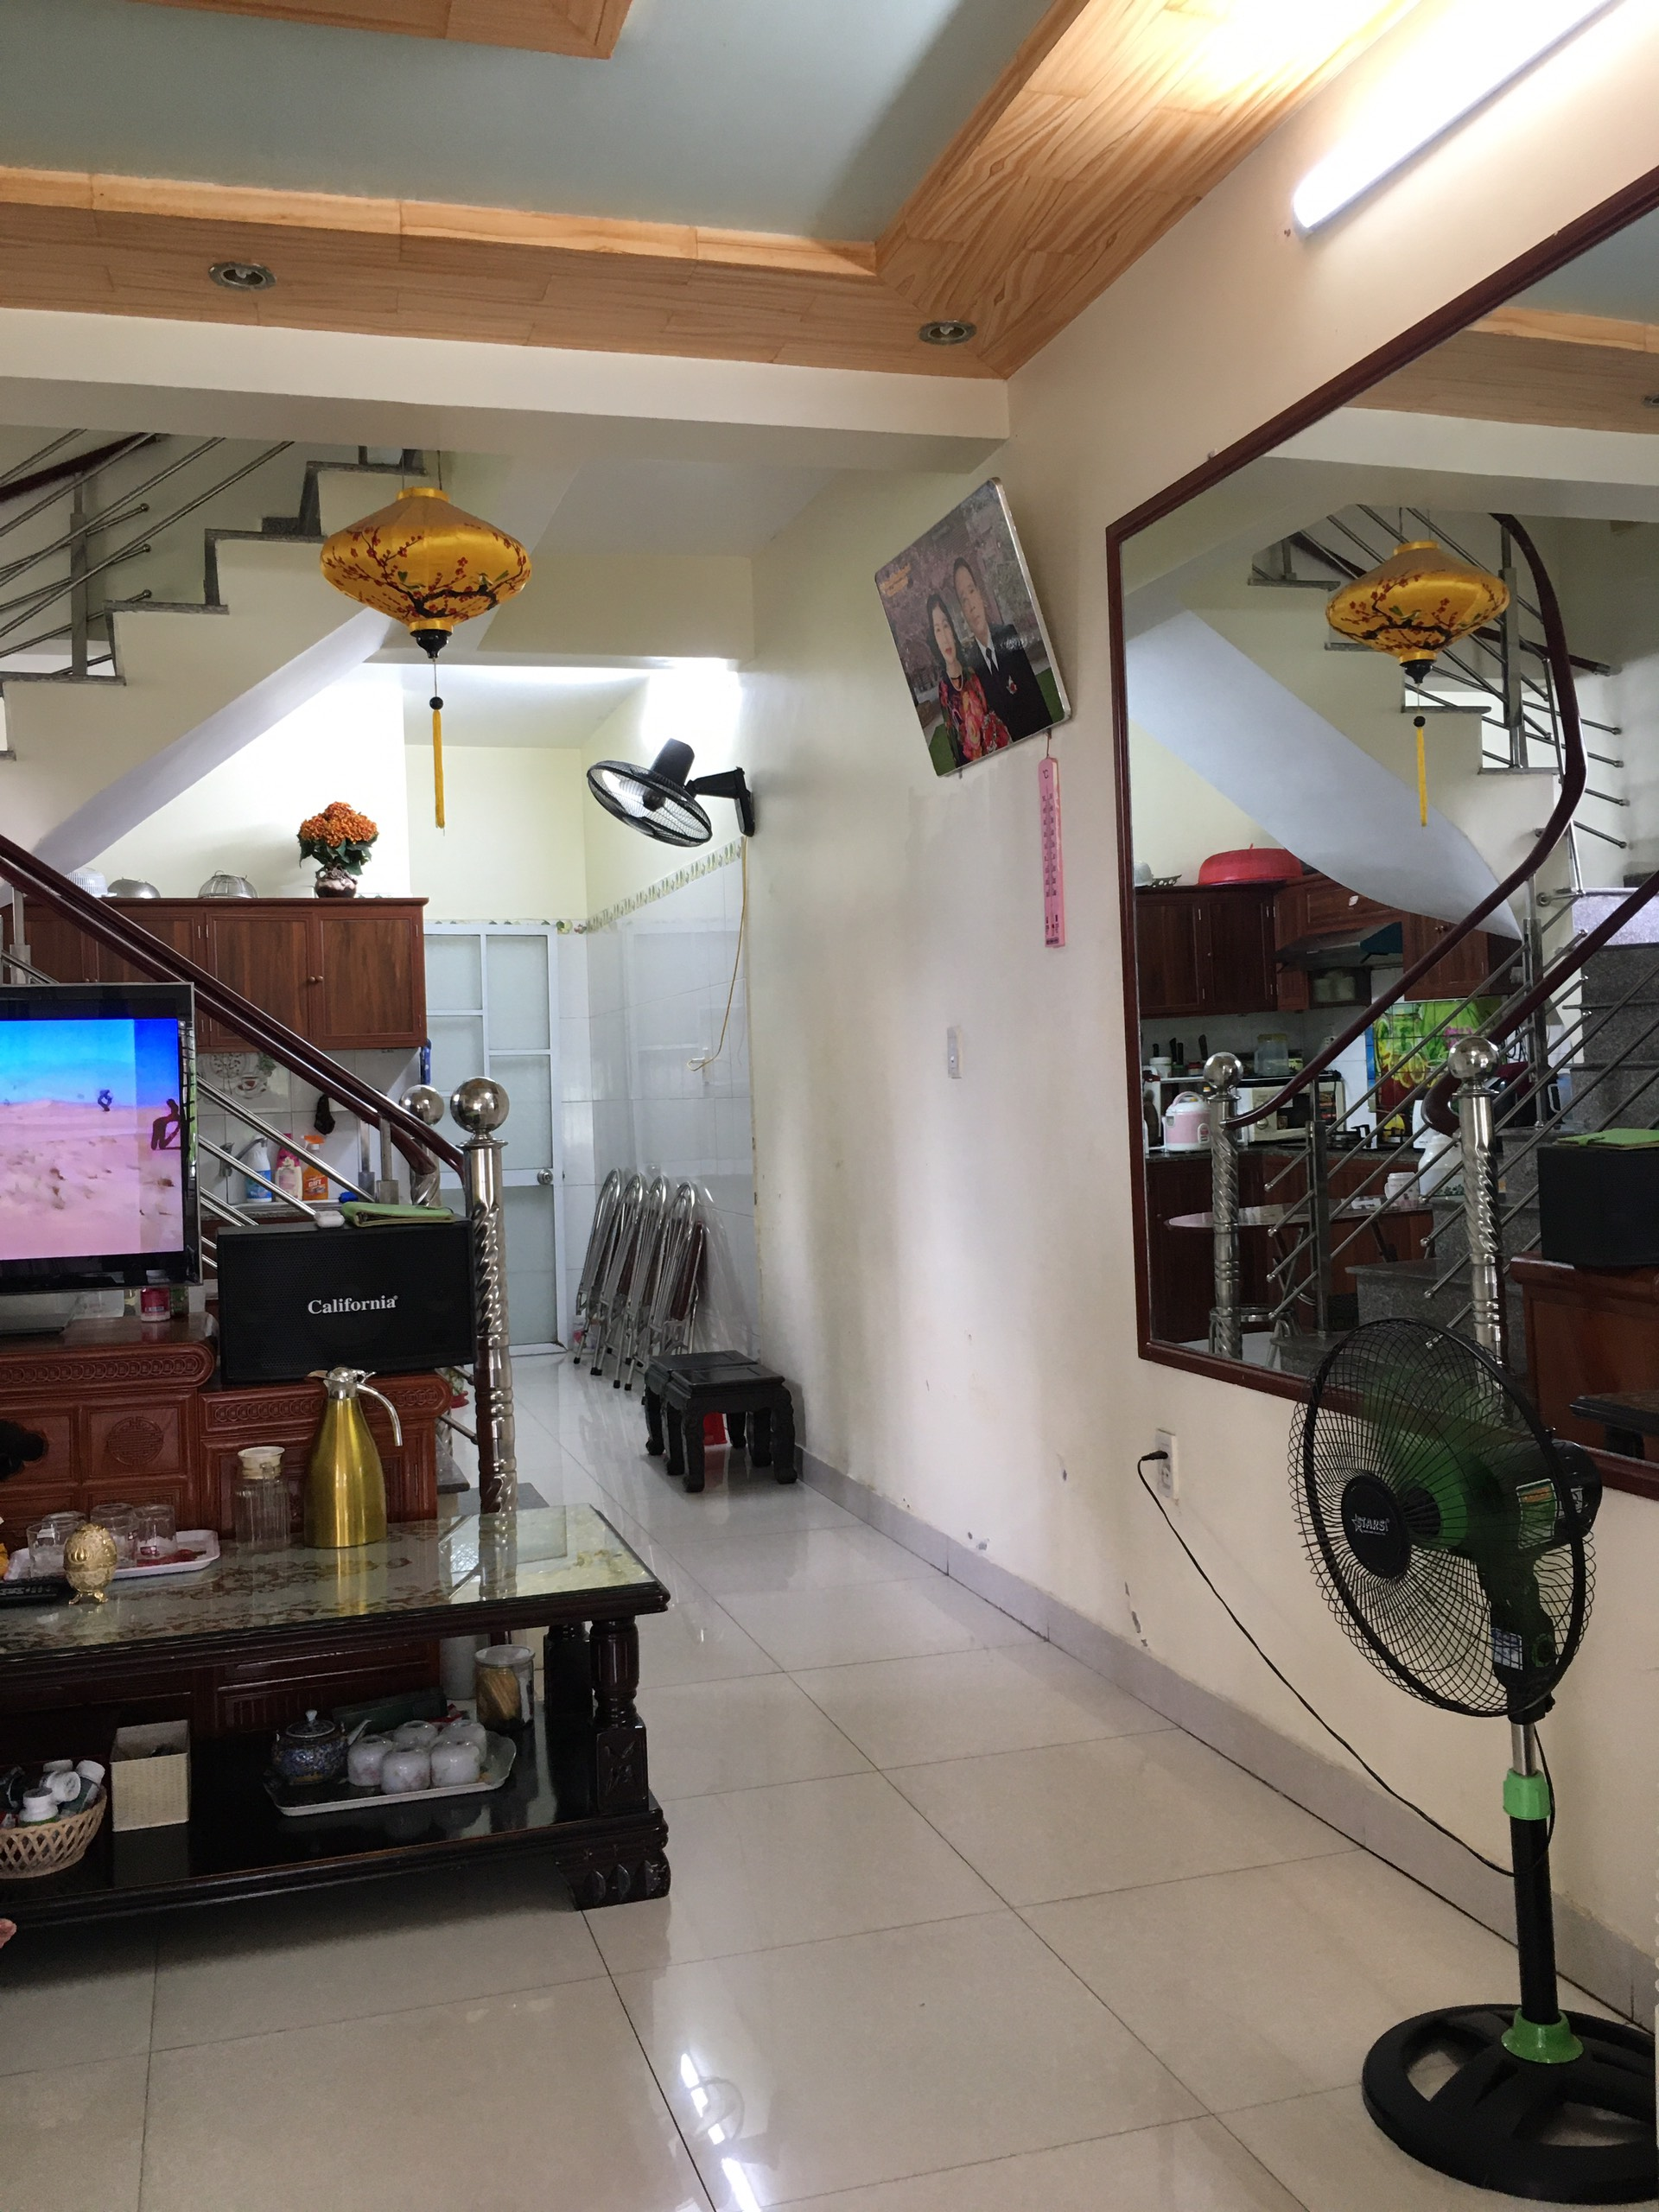 Bán nhà 4 tầng mặt ngõ 4m đường Đà Nẵng, Ngô quyền, Hải Phòng